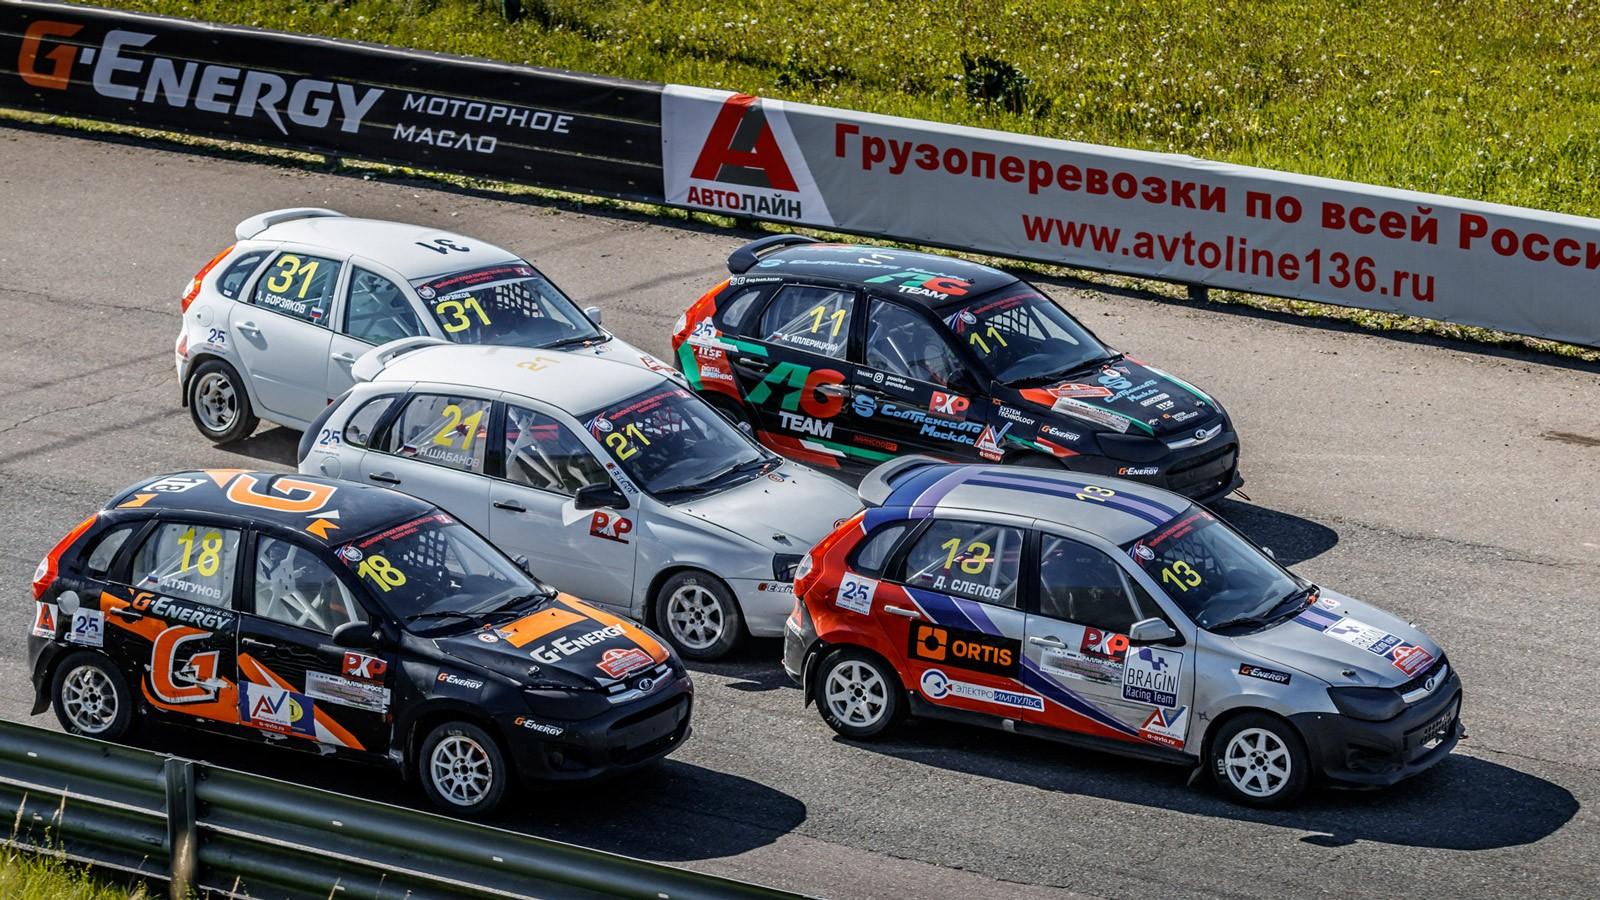 4 этап Чемпионата России пройдет на автодроме «Высокая гора» г. Казань 24-25 августа